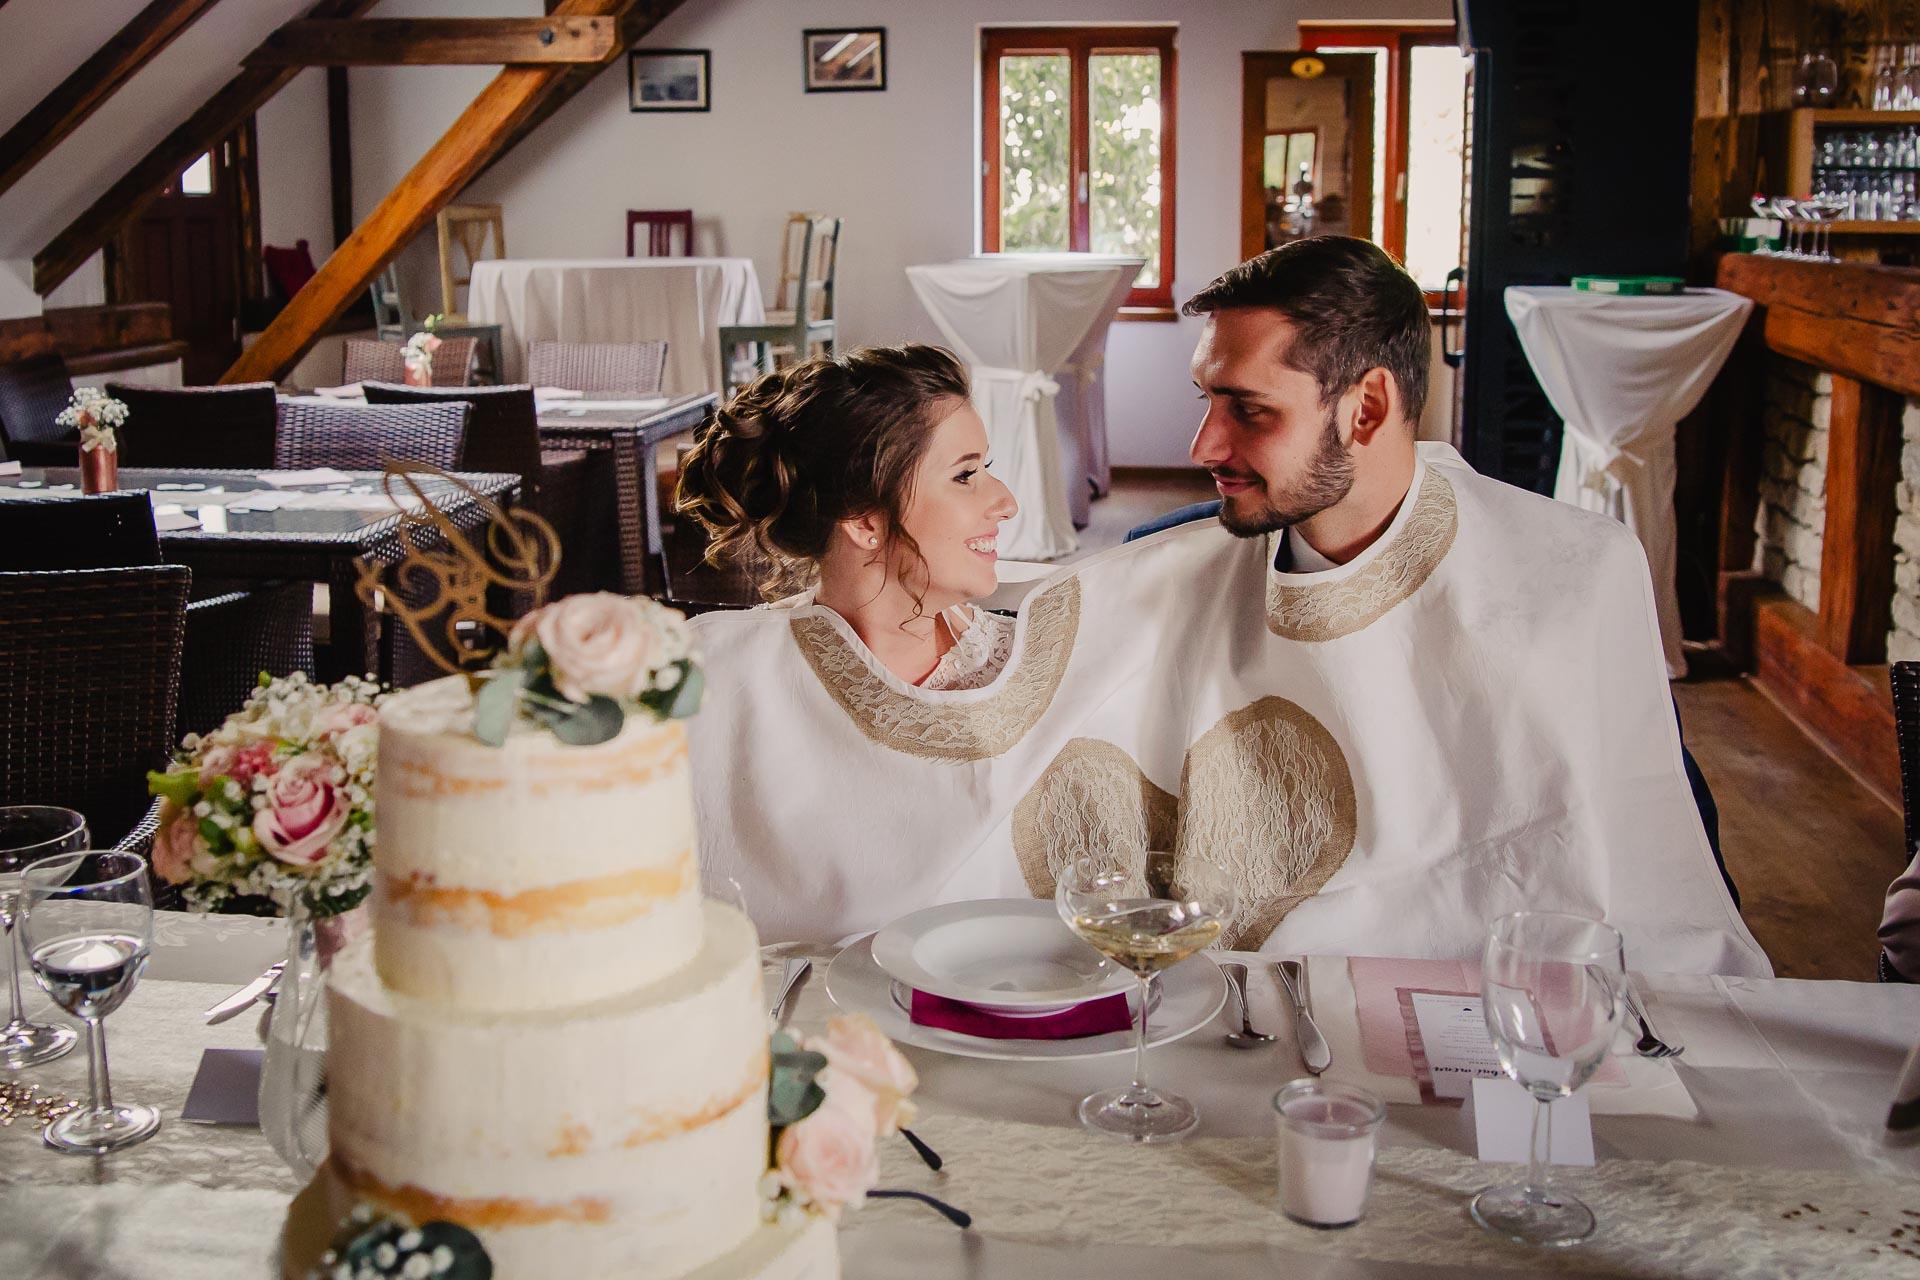 svatební fotograf Praha,svatba střední čechy, církevní obřad, svatba v kostele, nejhezčí svatební fotografie-3051